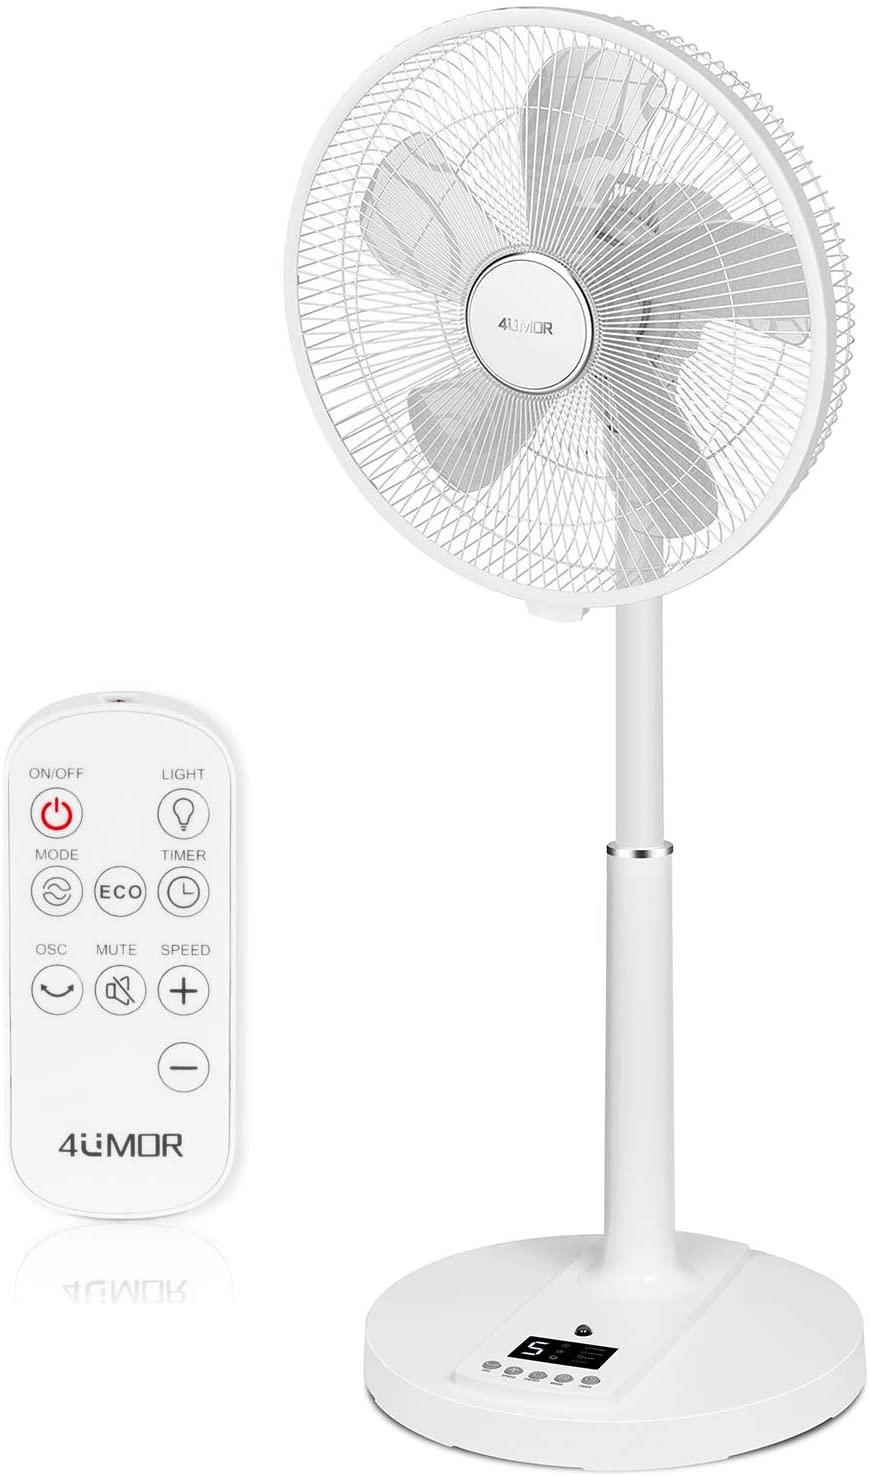 Miglior Ventilatore super silenzioso